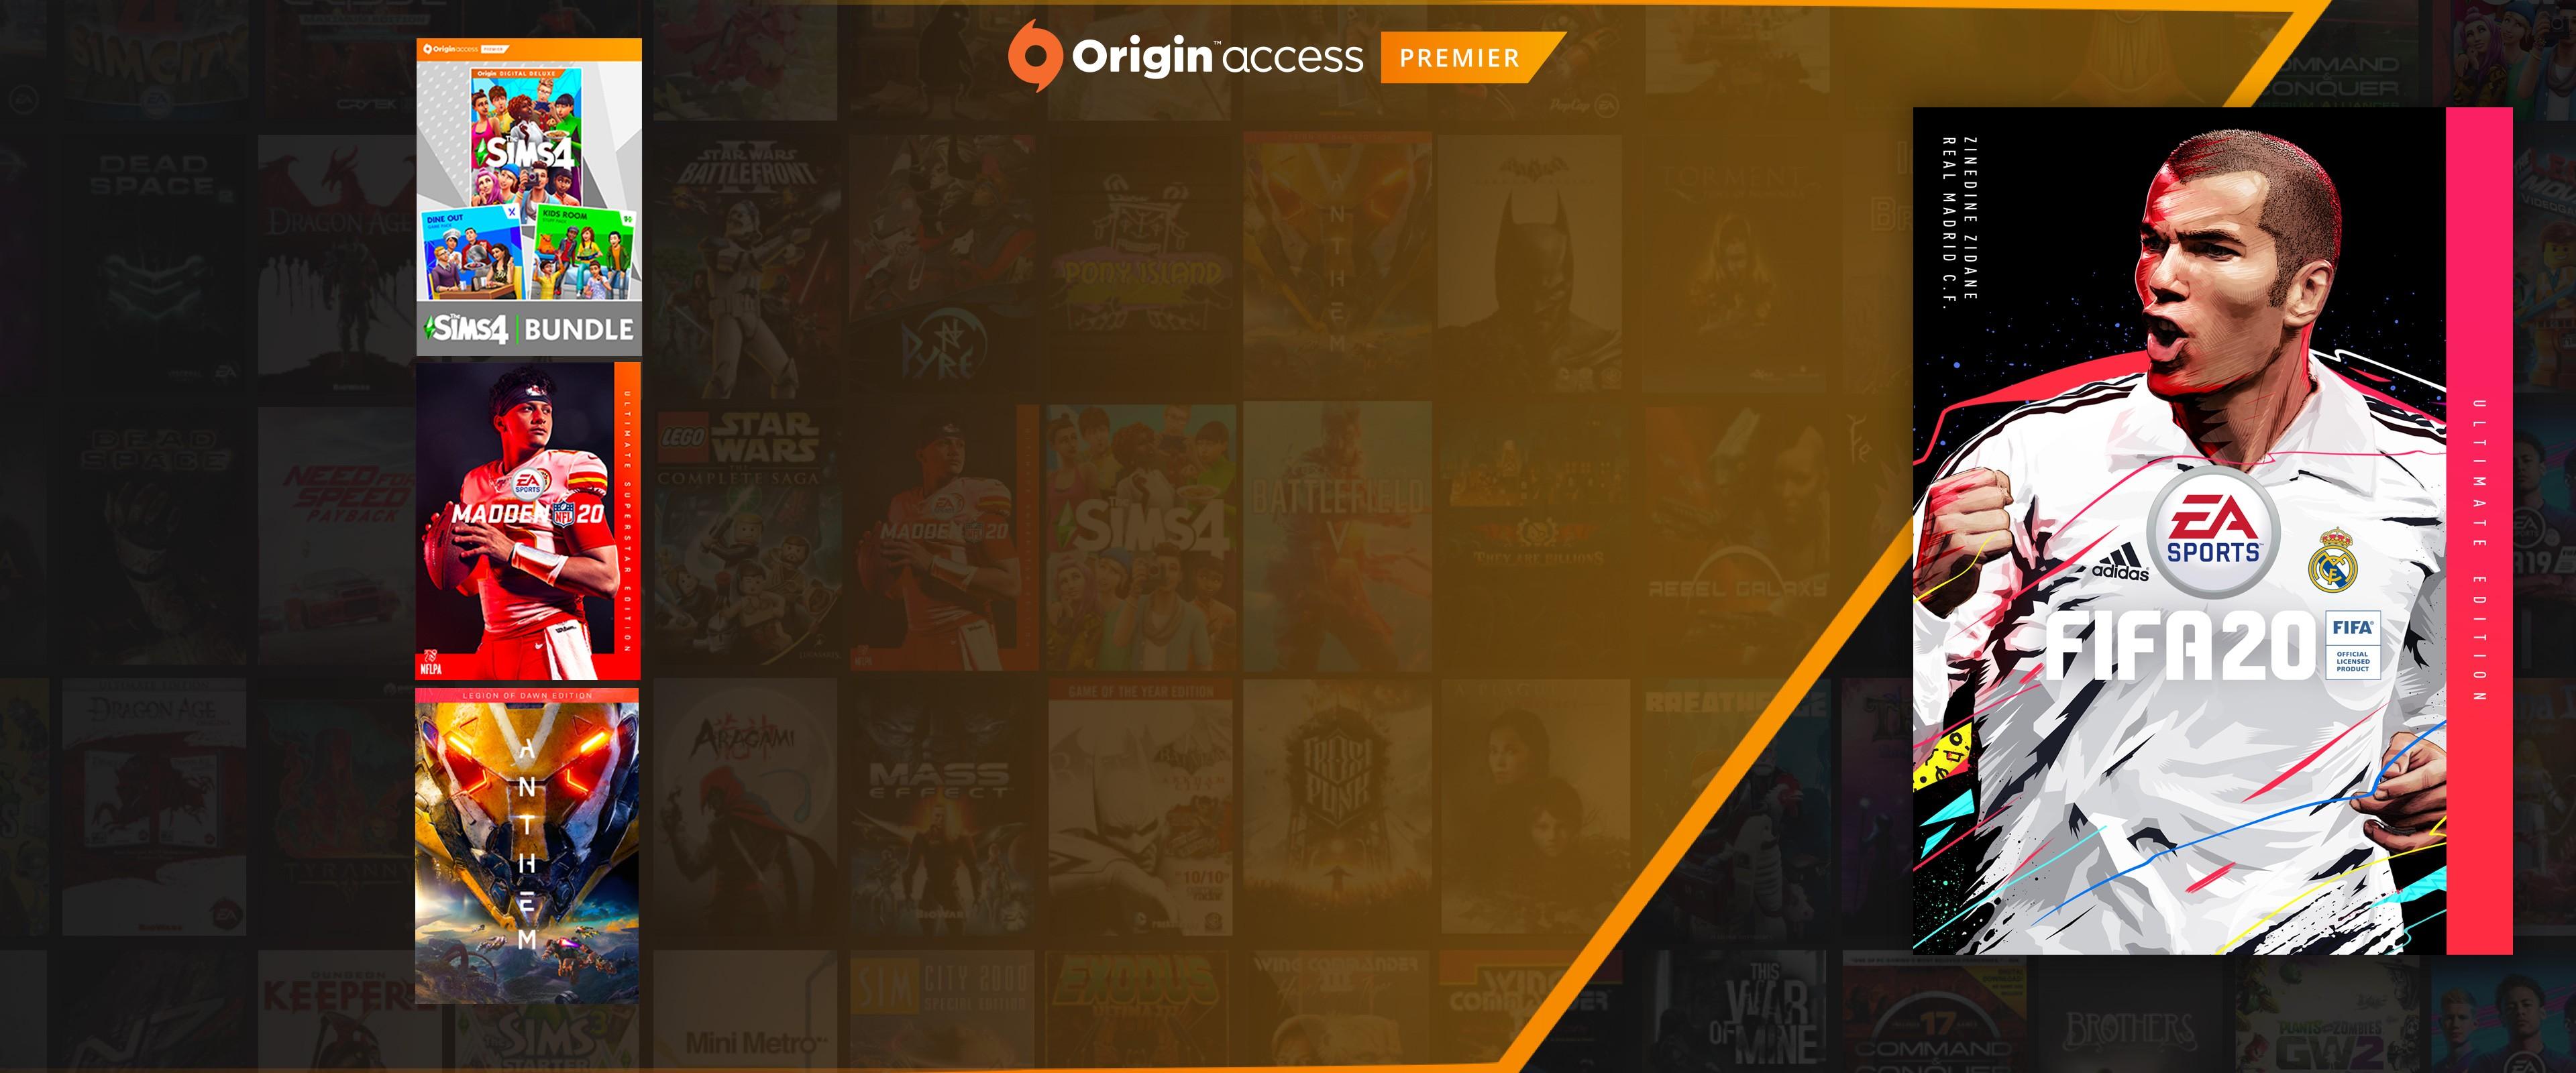 EA SPORTS™ FIFA 20 for PC | Origin